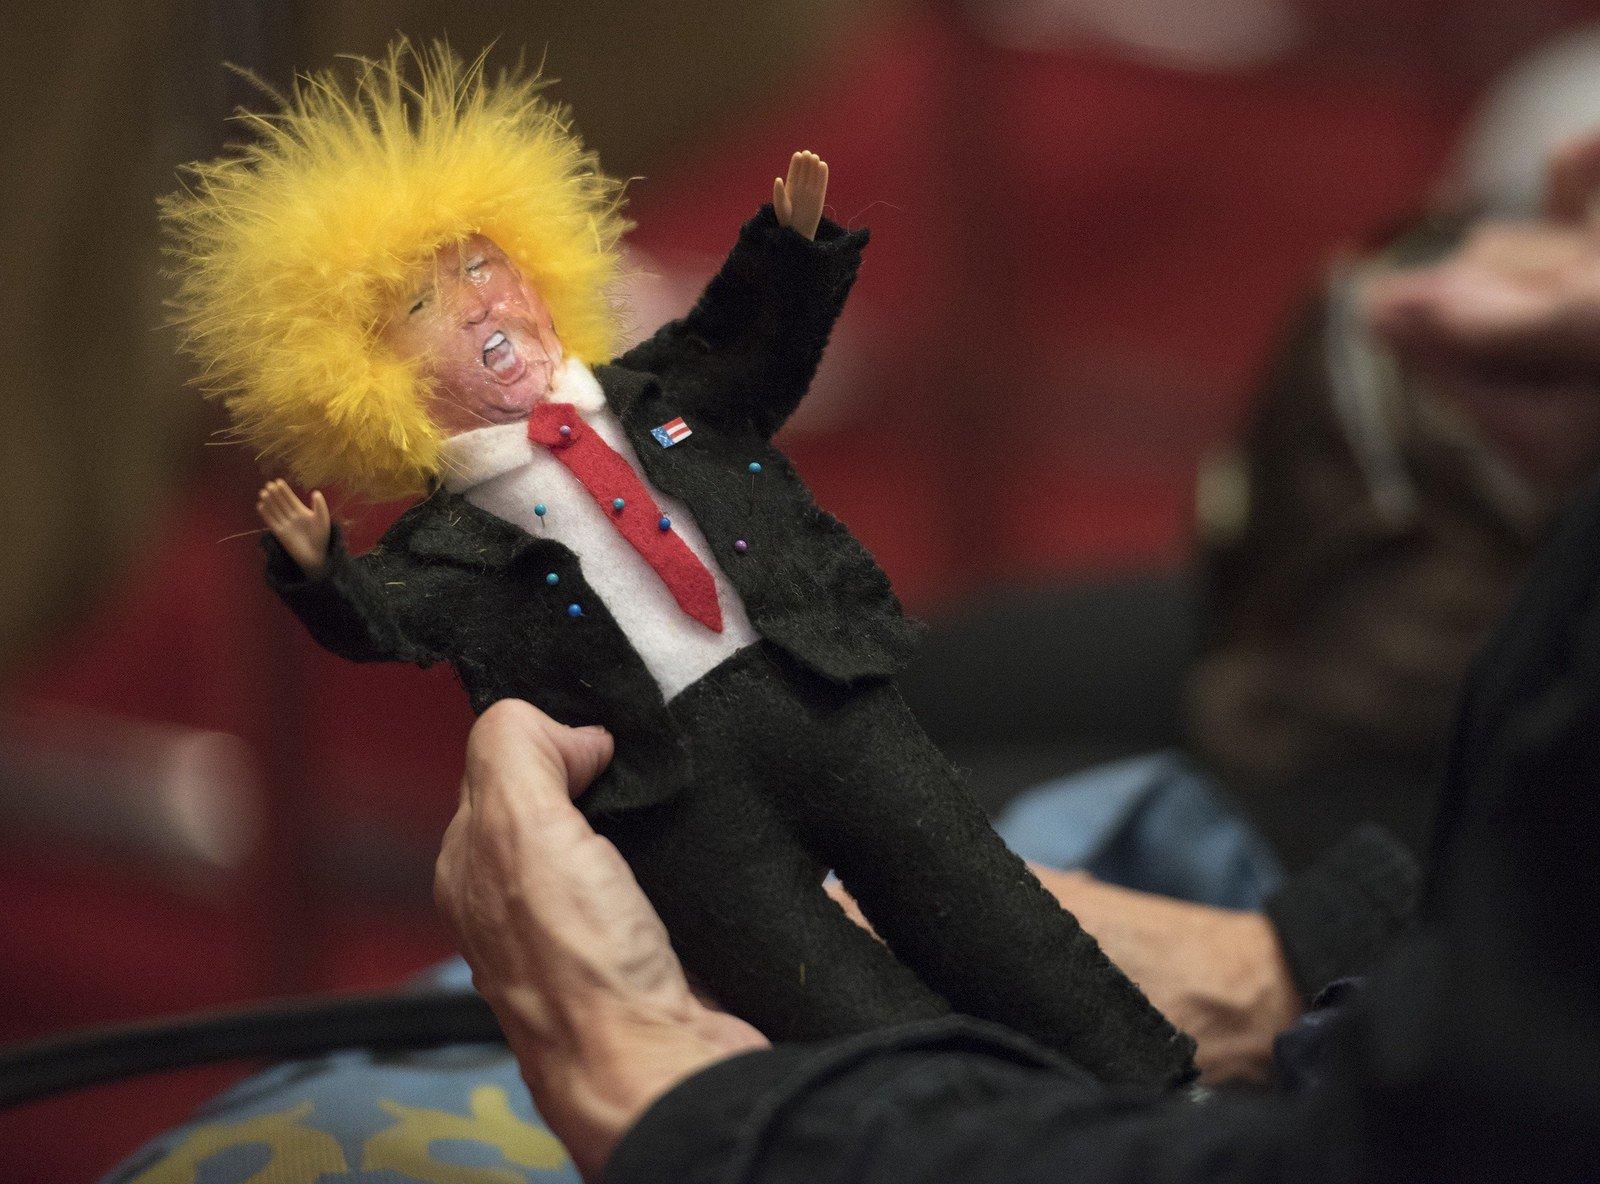 Milhares de bruxas se preparam para 'amarrar' Trump no Halloween, antes das eleições